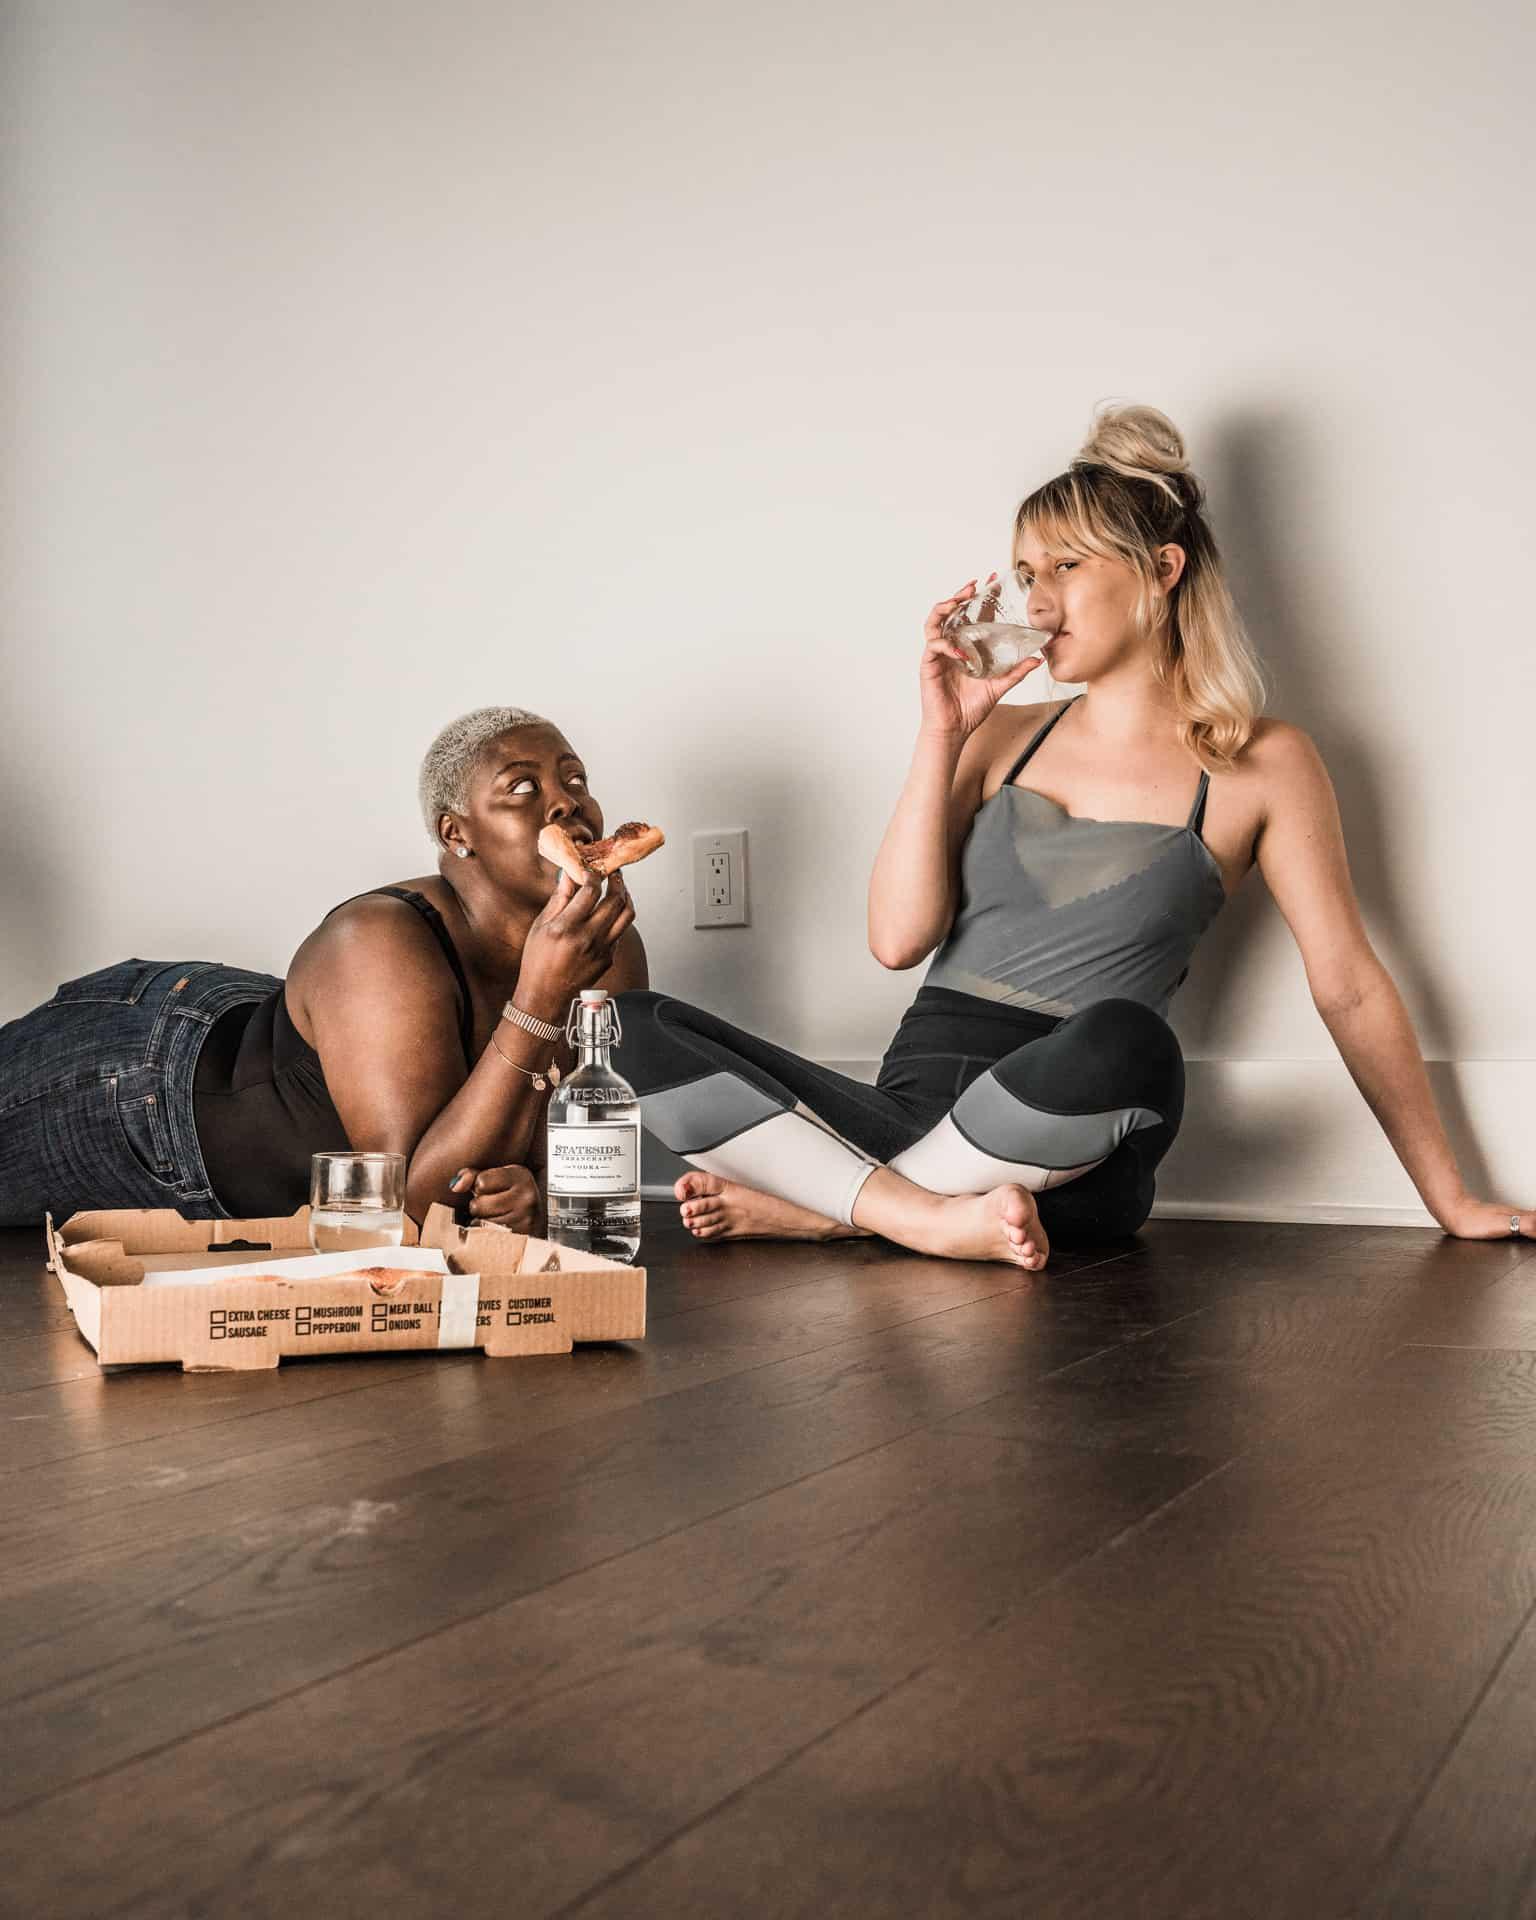 Advertising Photograph for Stateside Vodka